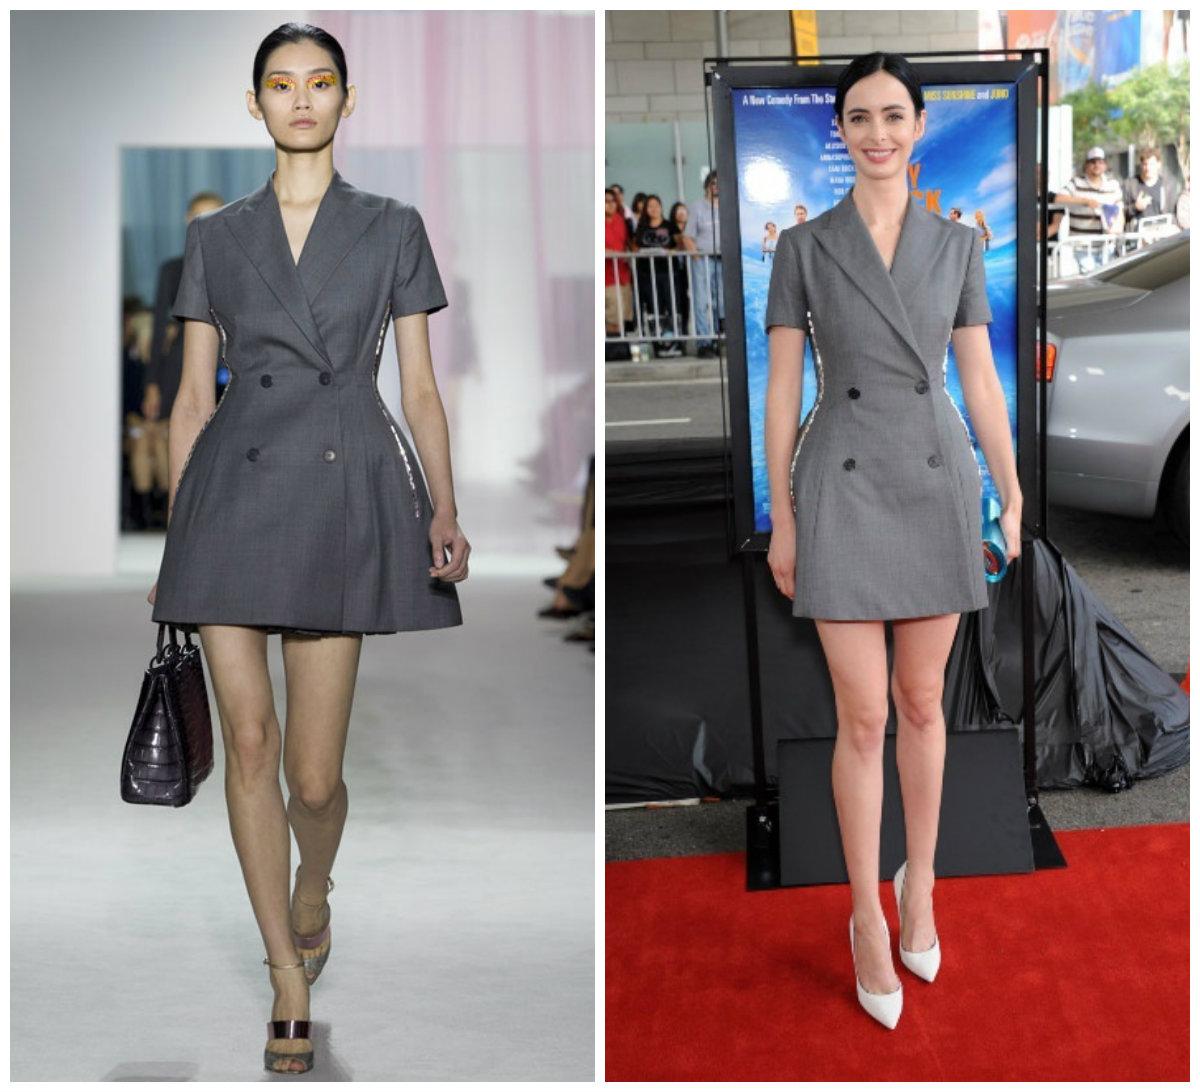 Krysten Ritter assiste à la première du film « The Way, way back » en portant une robe grise de Christian Dior